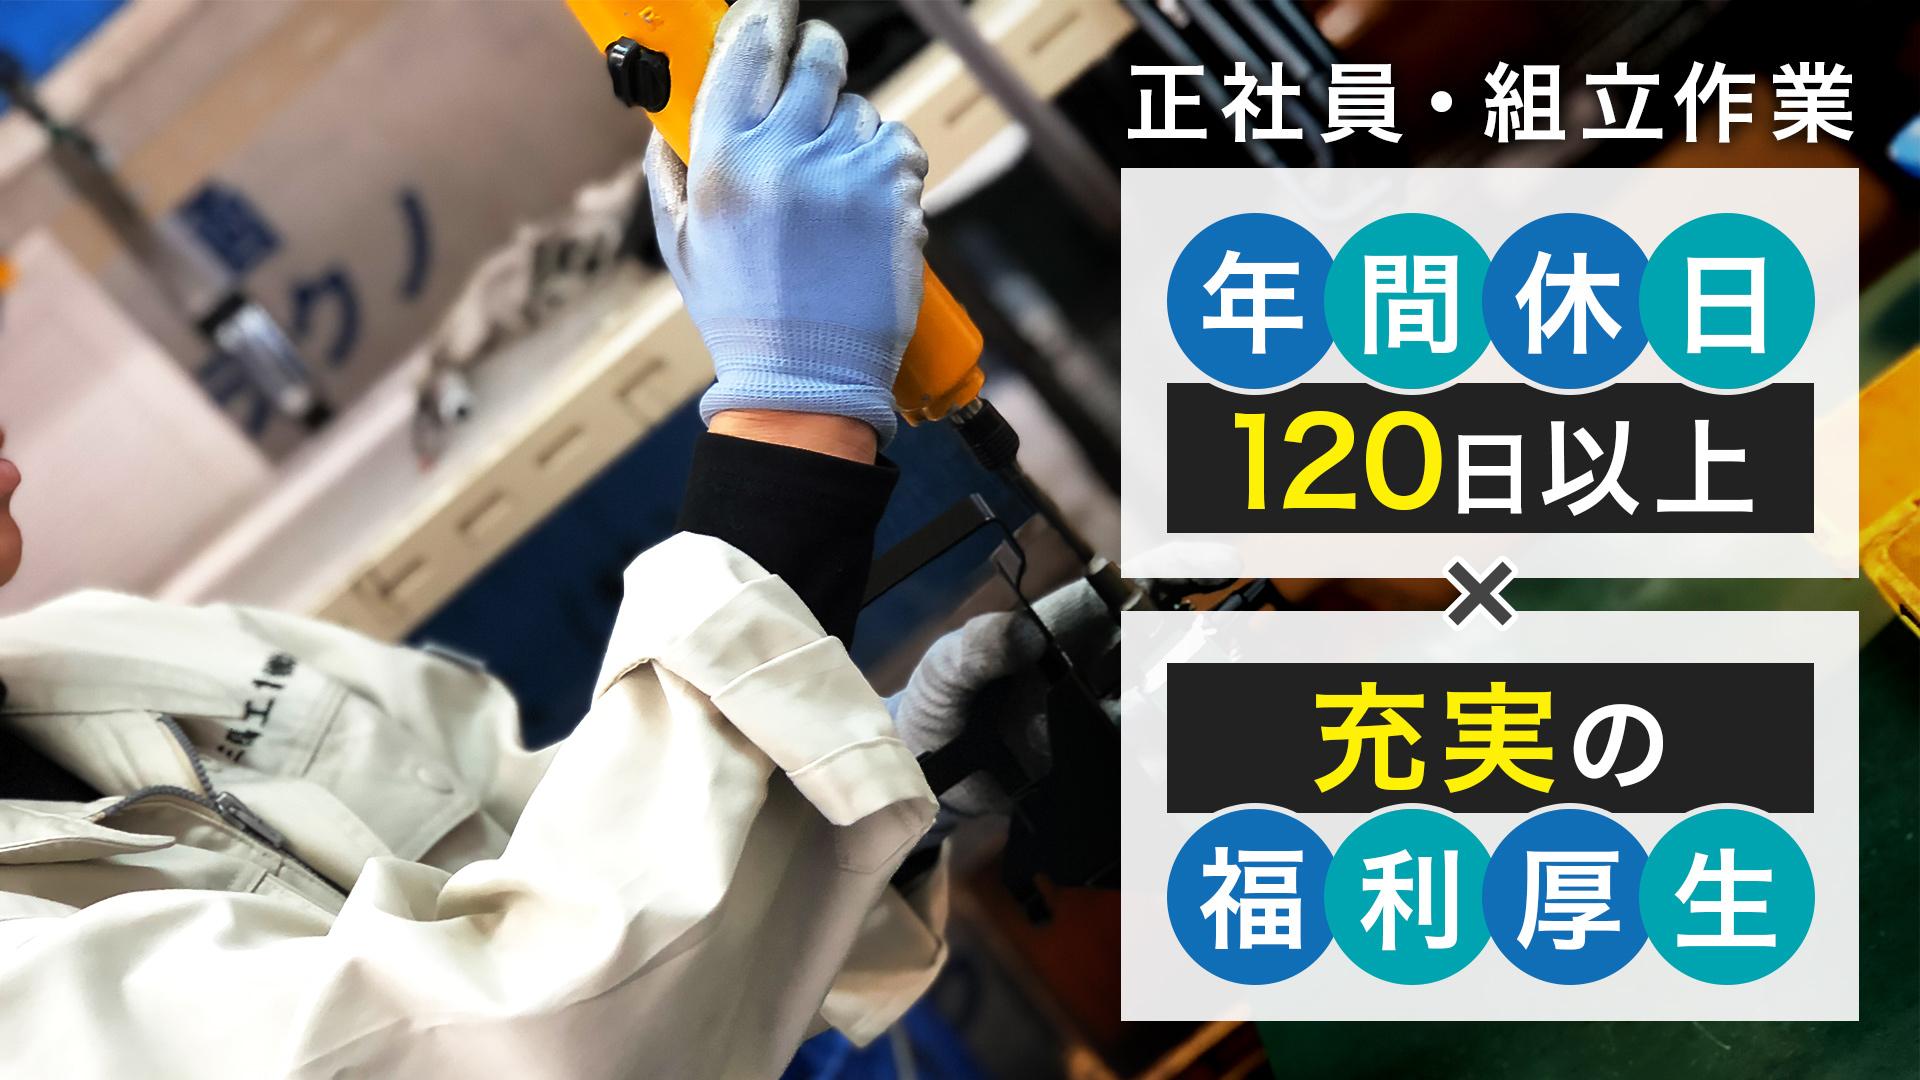 【賞与年2回/年休120日以上】食品工場で活躍するロボットを組み立て作業やピッキング/積極採用中